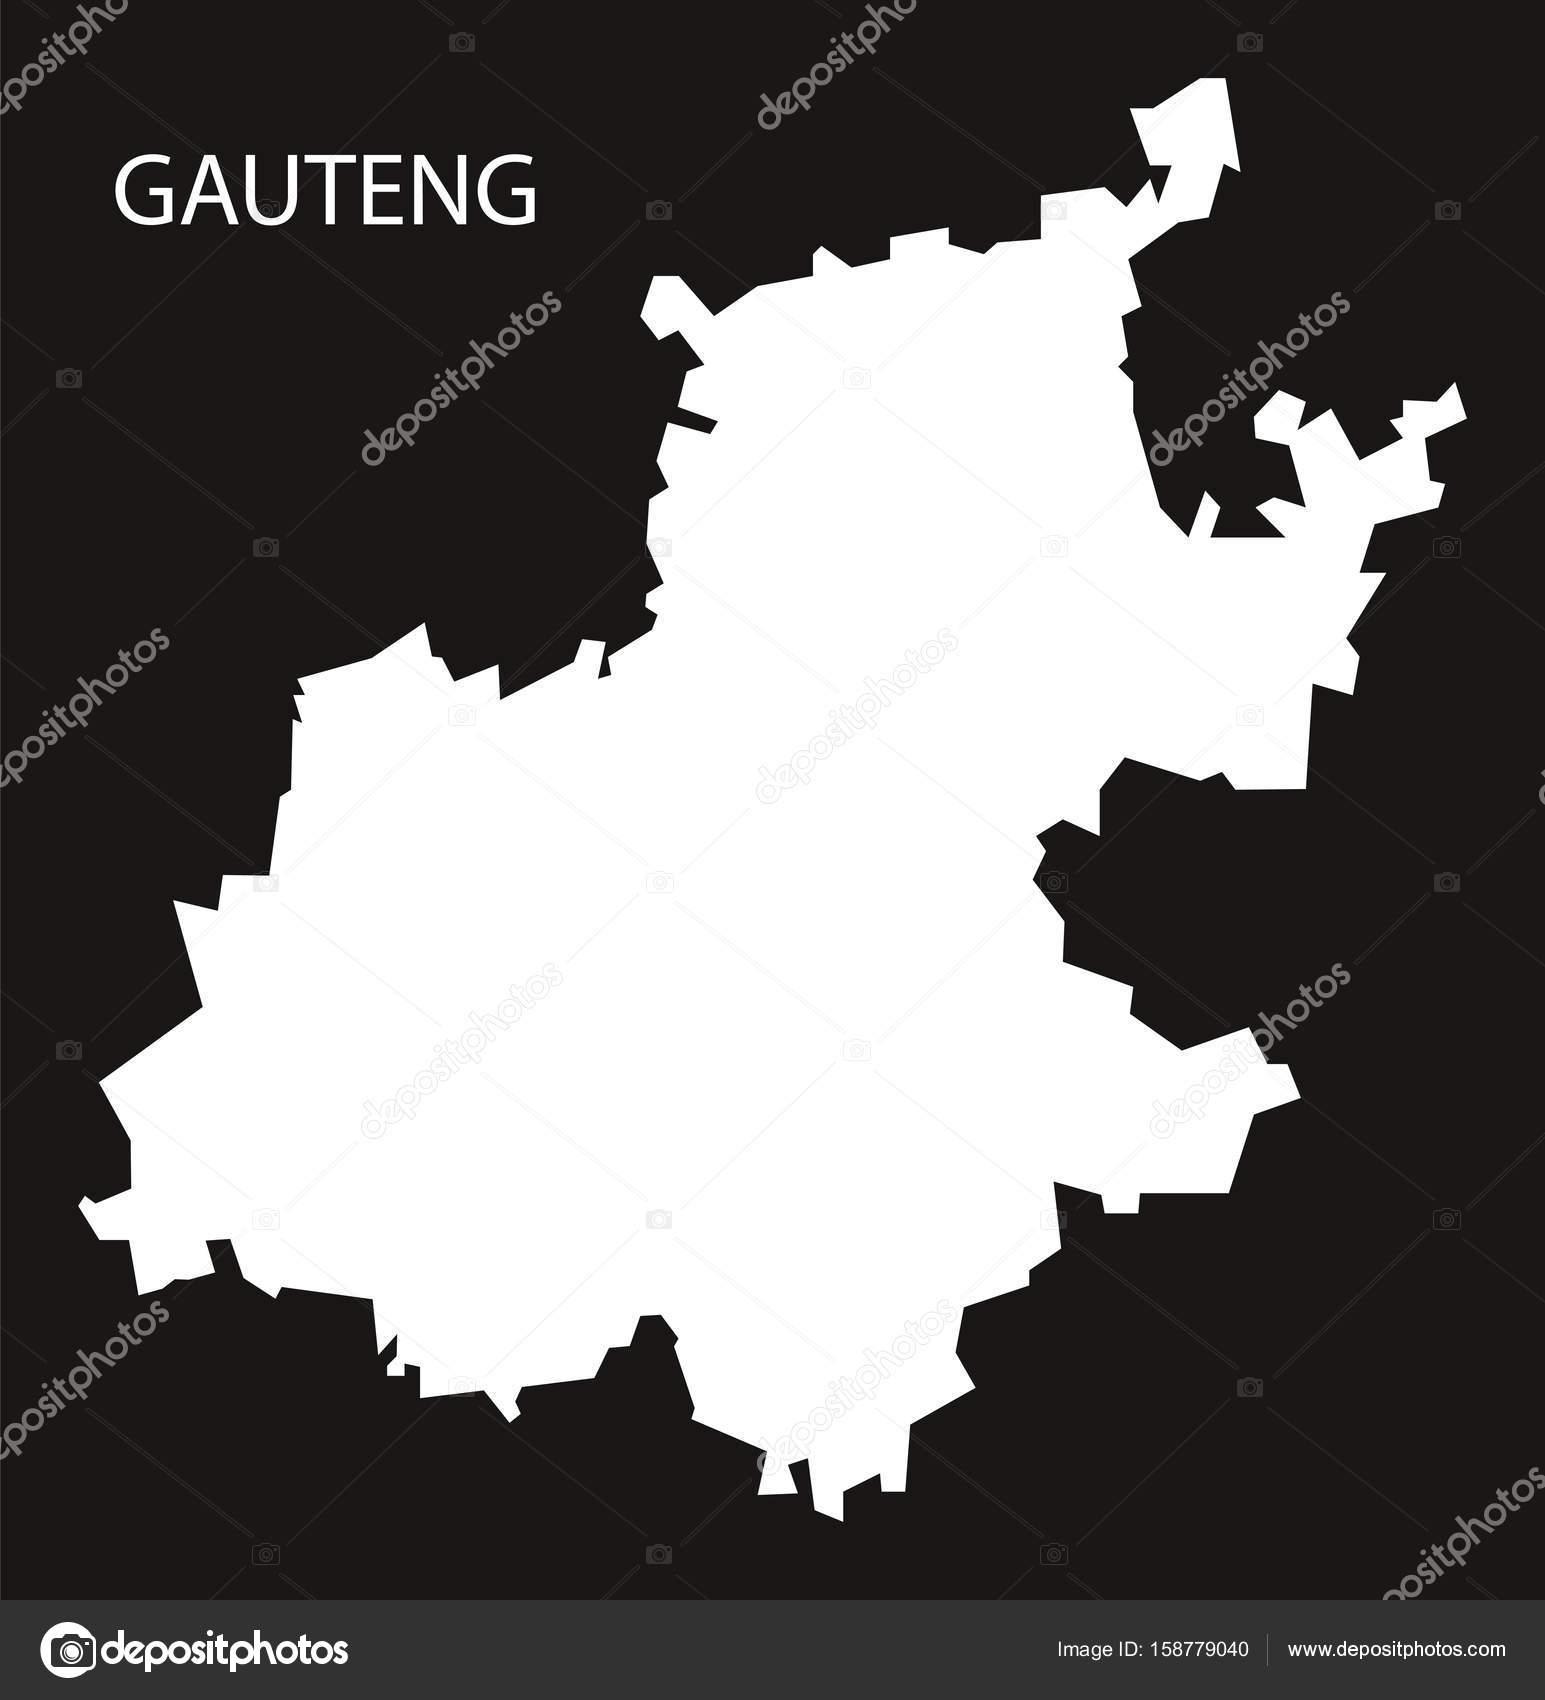 ハウテン州南アフリカ地図黒反転...